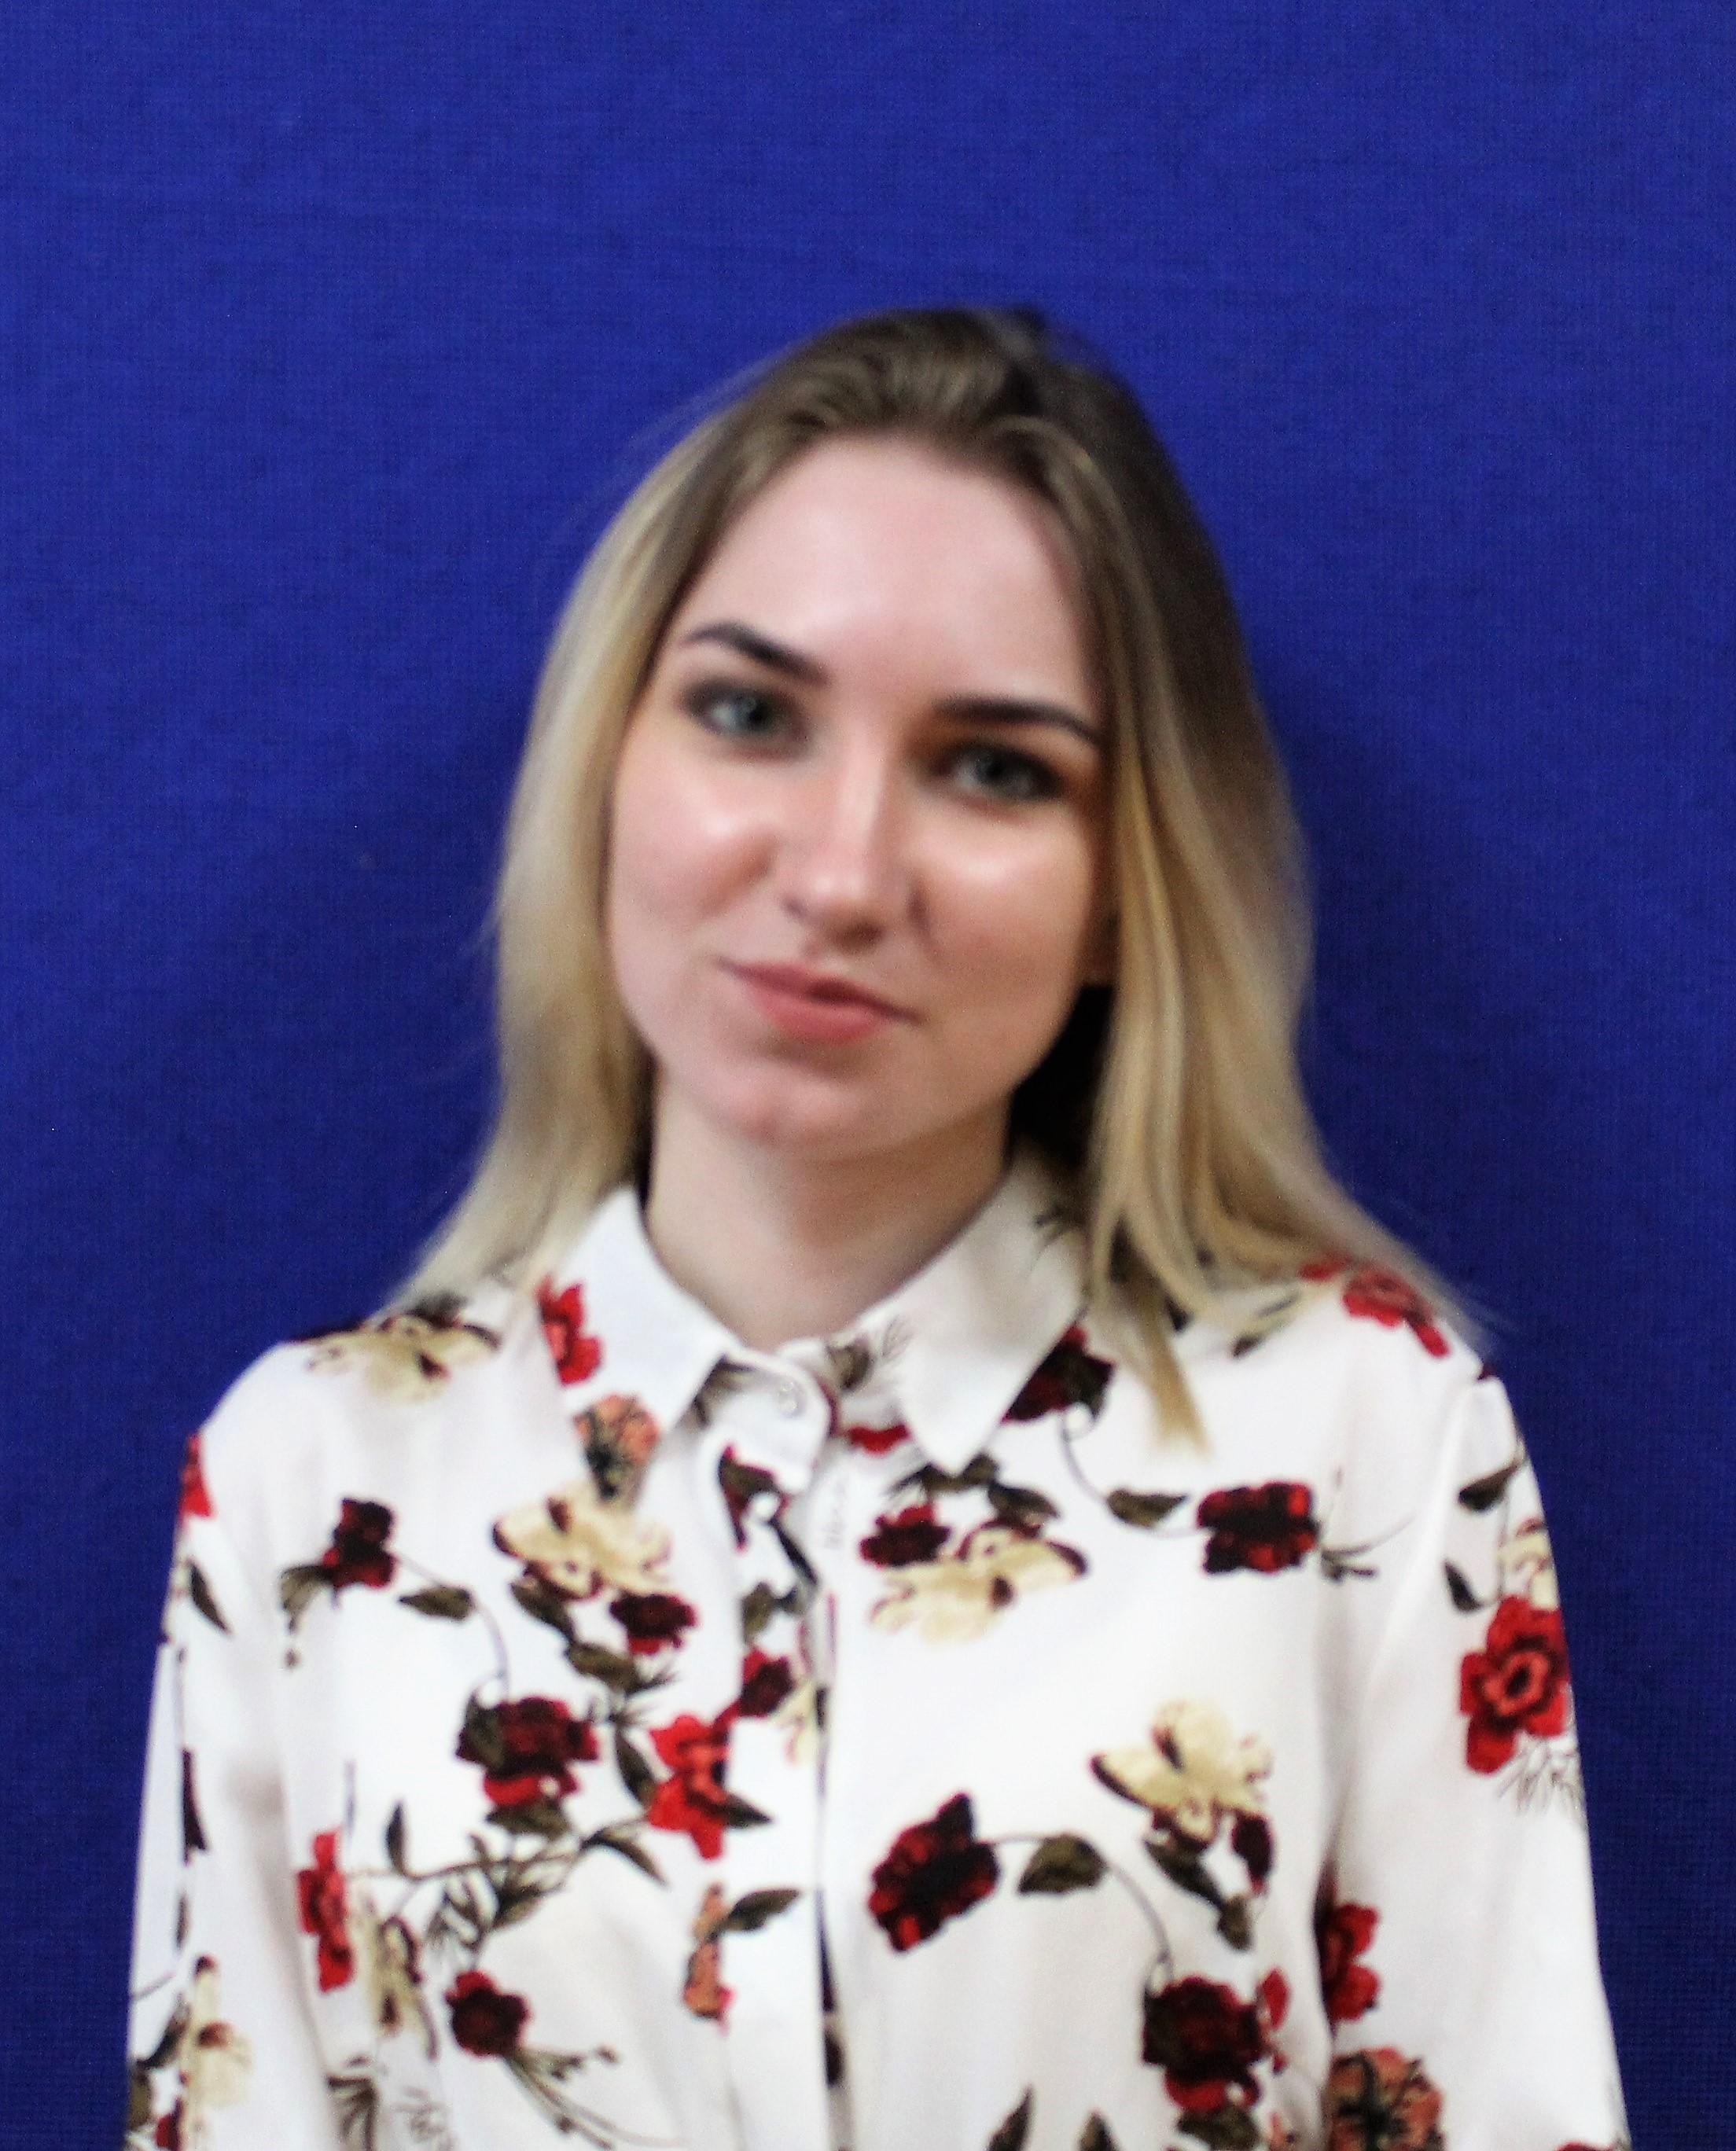 Горохова Наталья, группа 2-10 СЭЗС